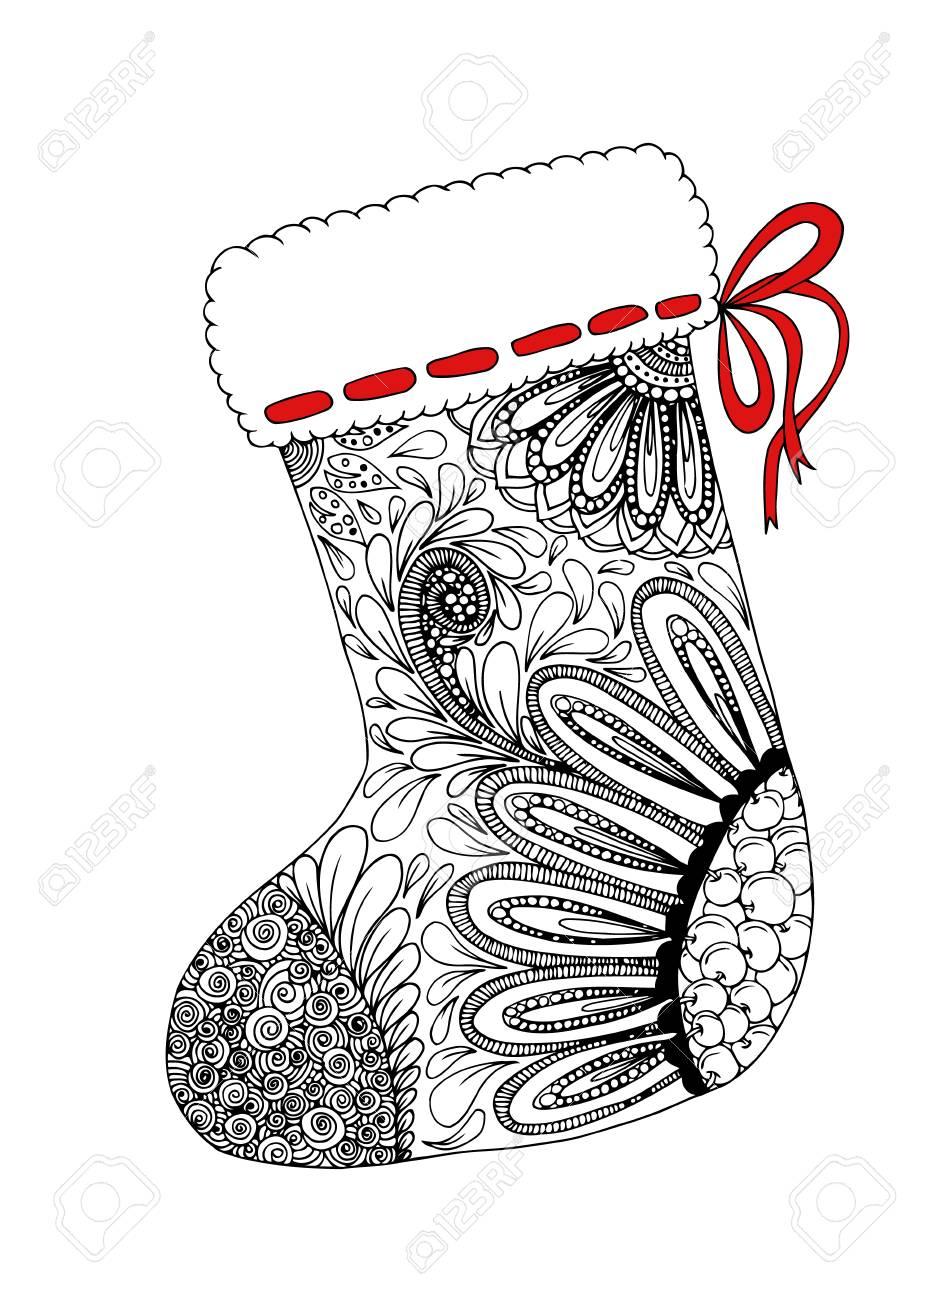 Doodle Croquis De Conception De Zentangle Chaussette De Noel Livre De Coloriage Pour Adultes Et Enfants Plus Ages Illustration Vectorielle